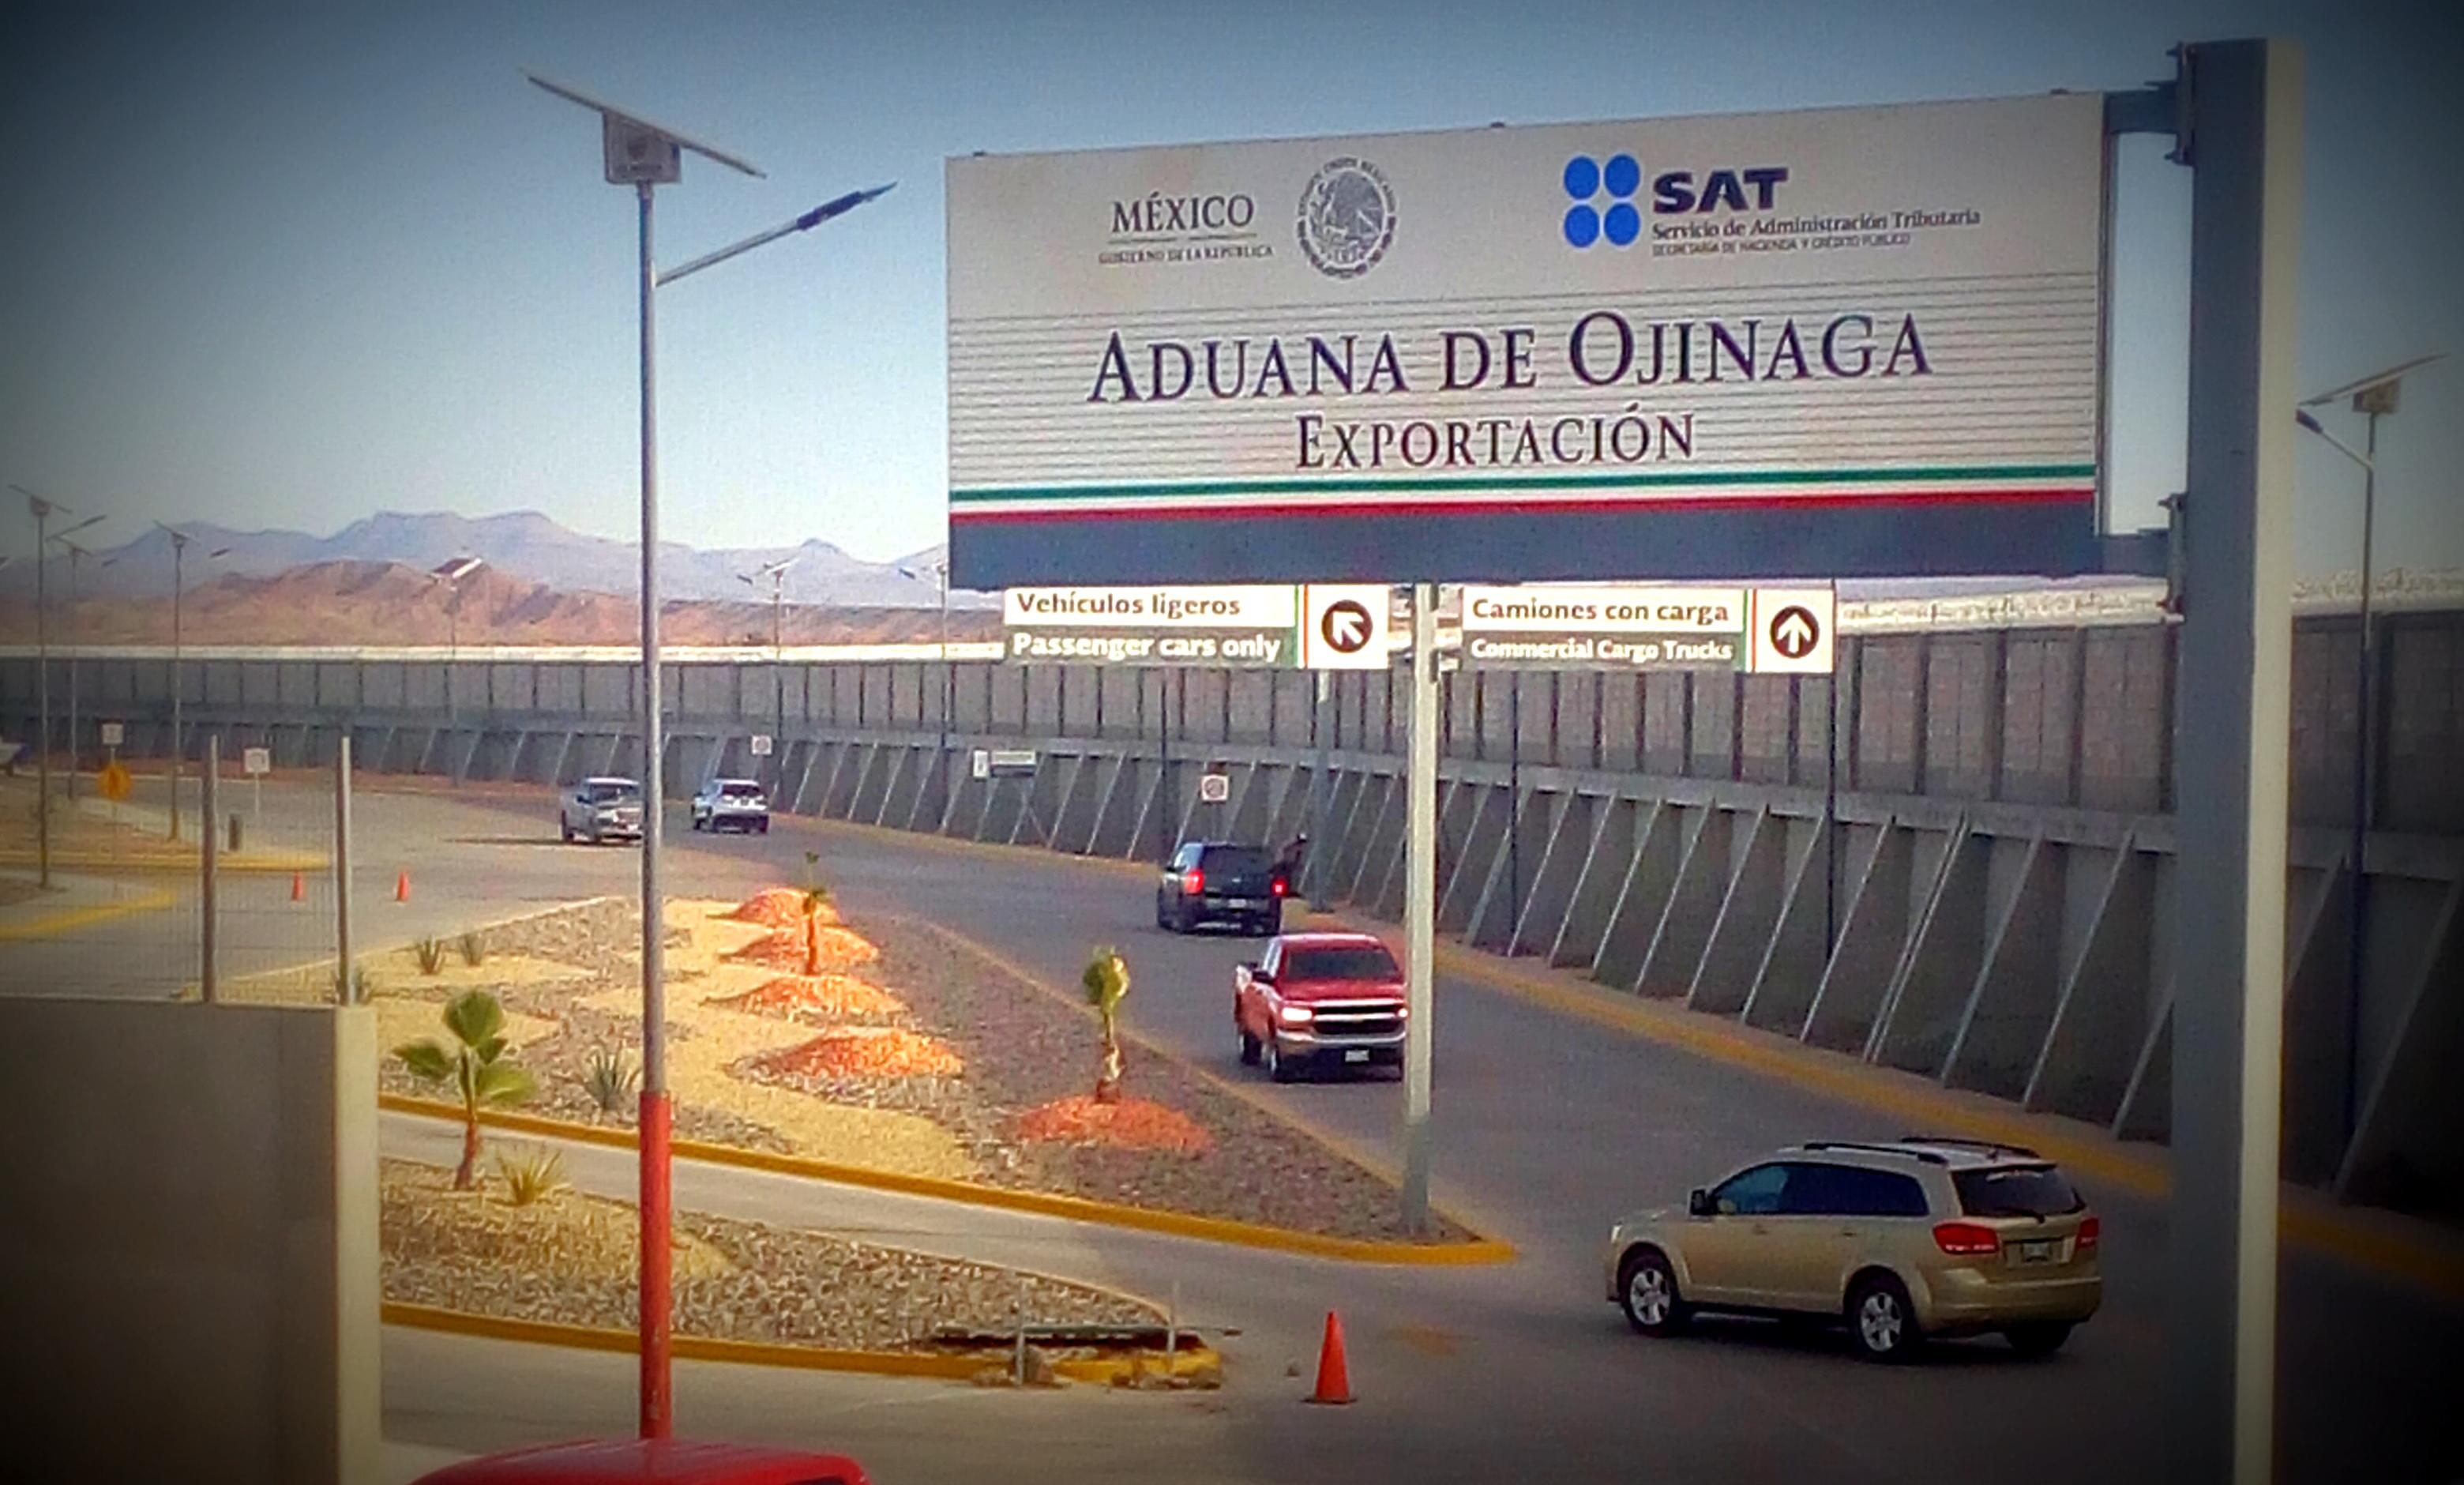 aduanas-oj